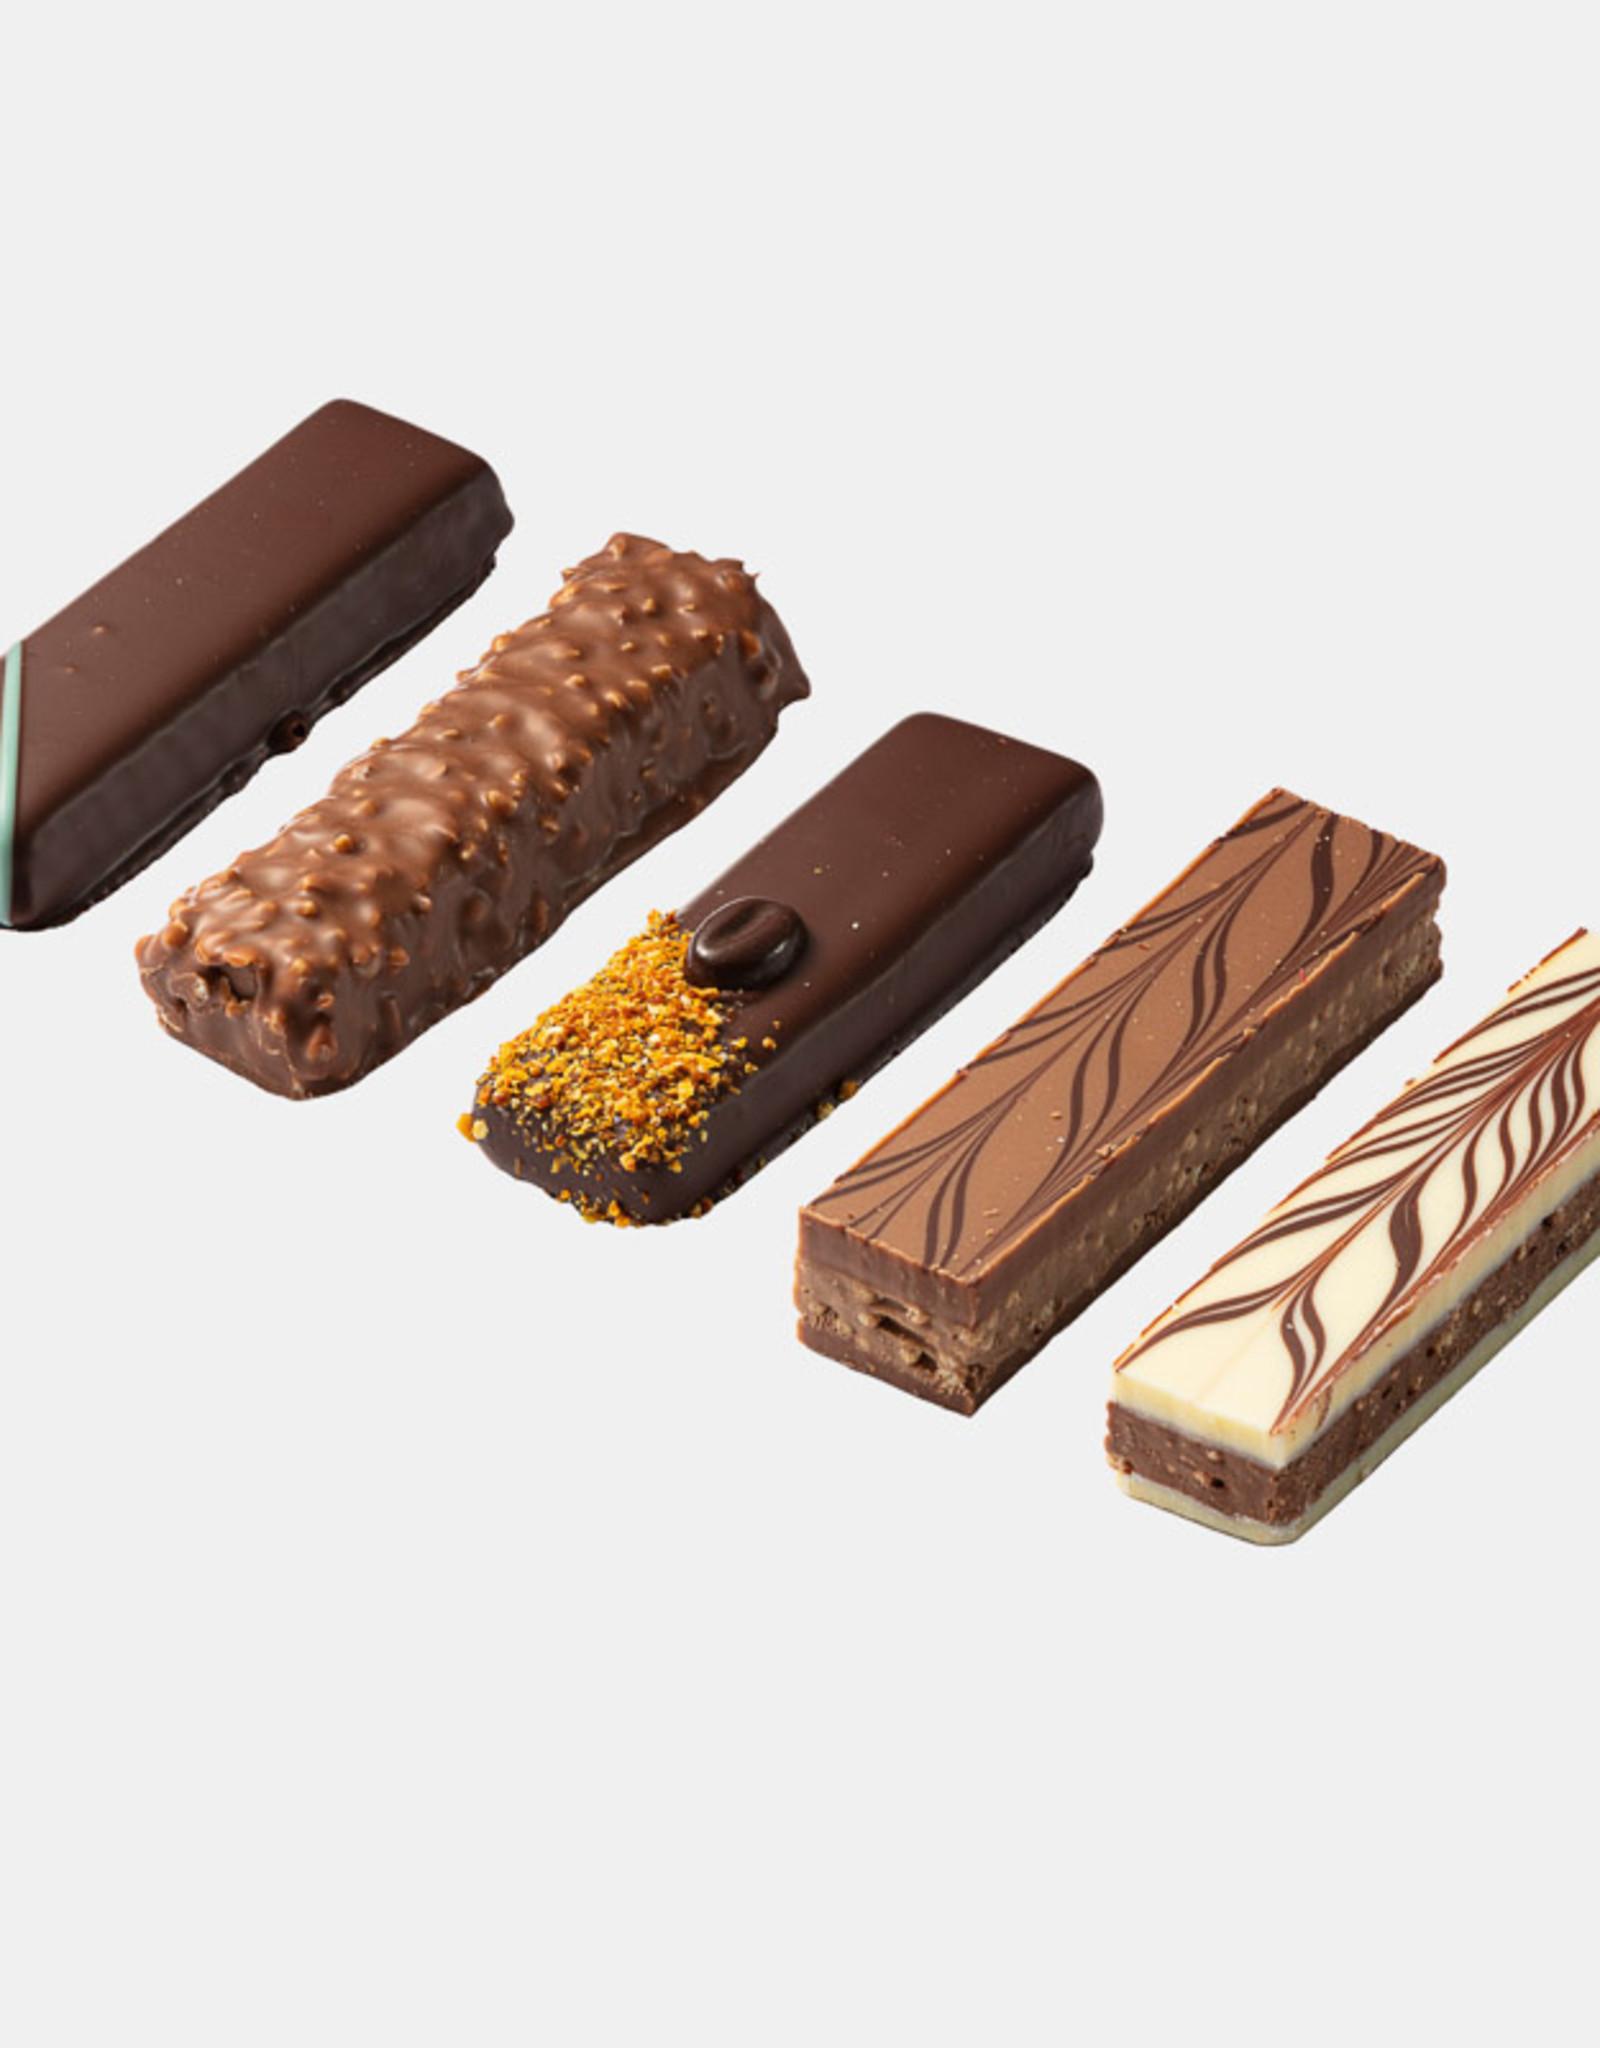 Florentina.Chocolates Florentina Gift Box 10 mini bar & 8 Vegan Bonbons